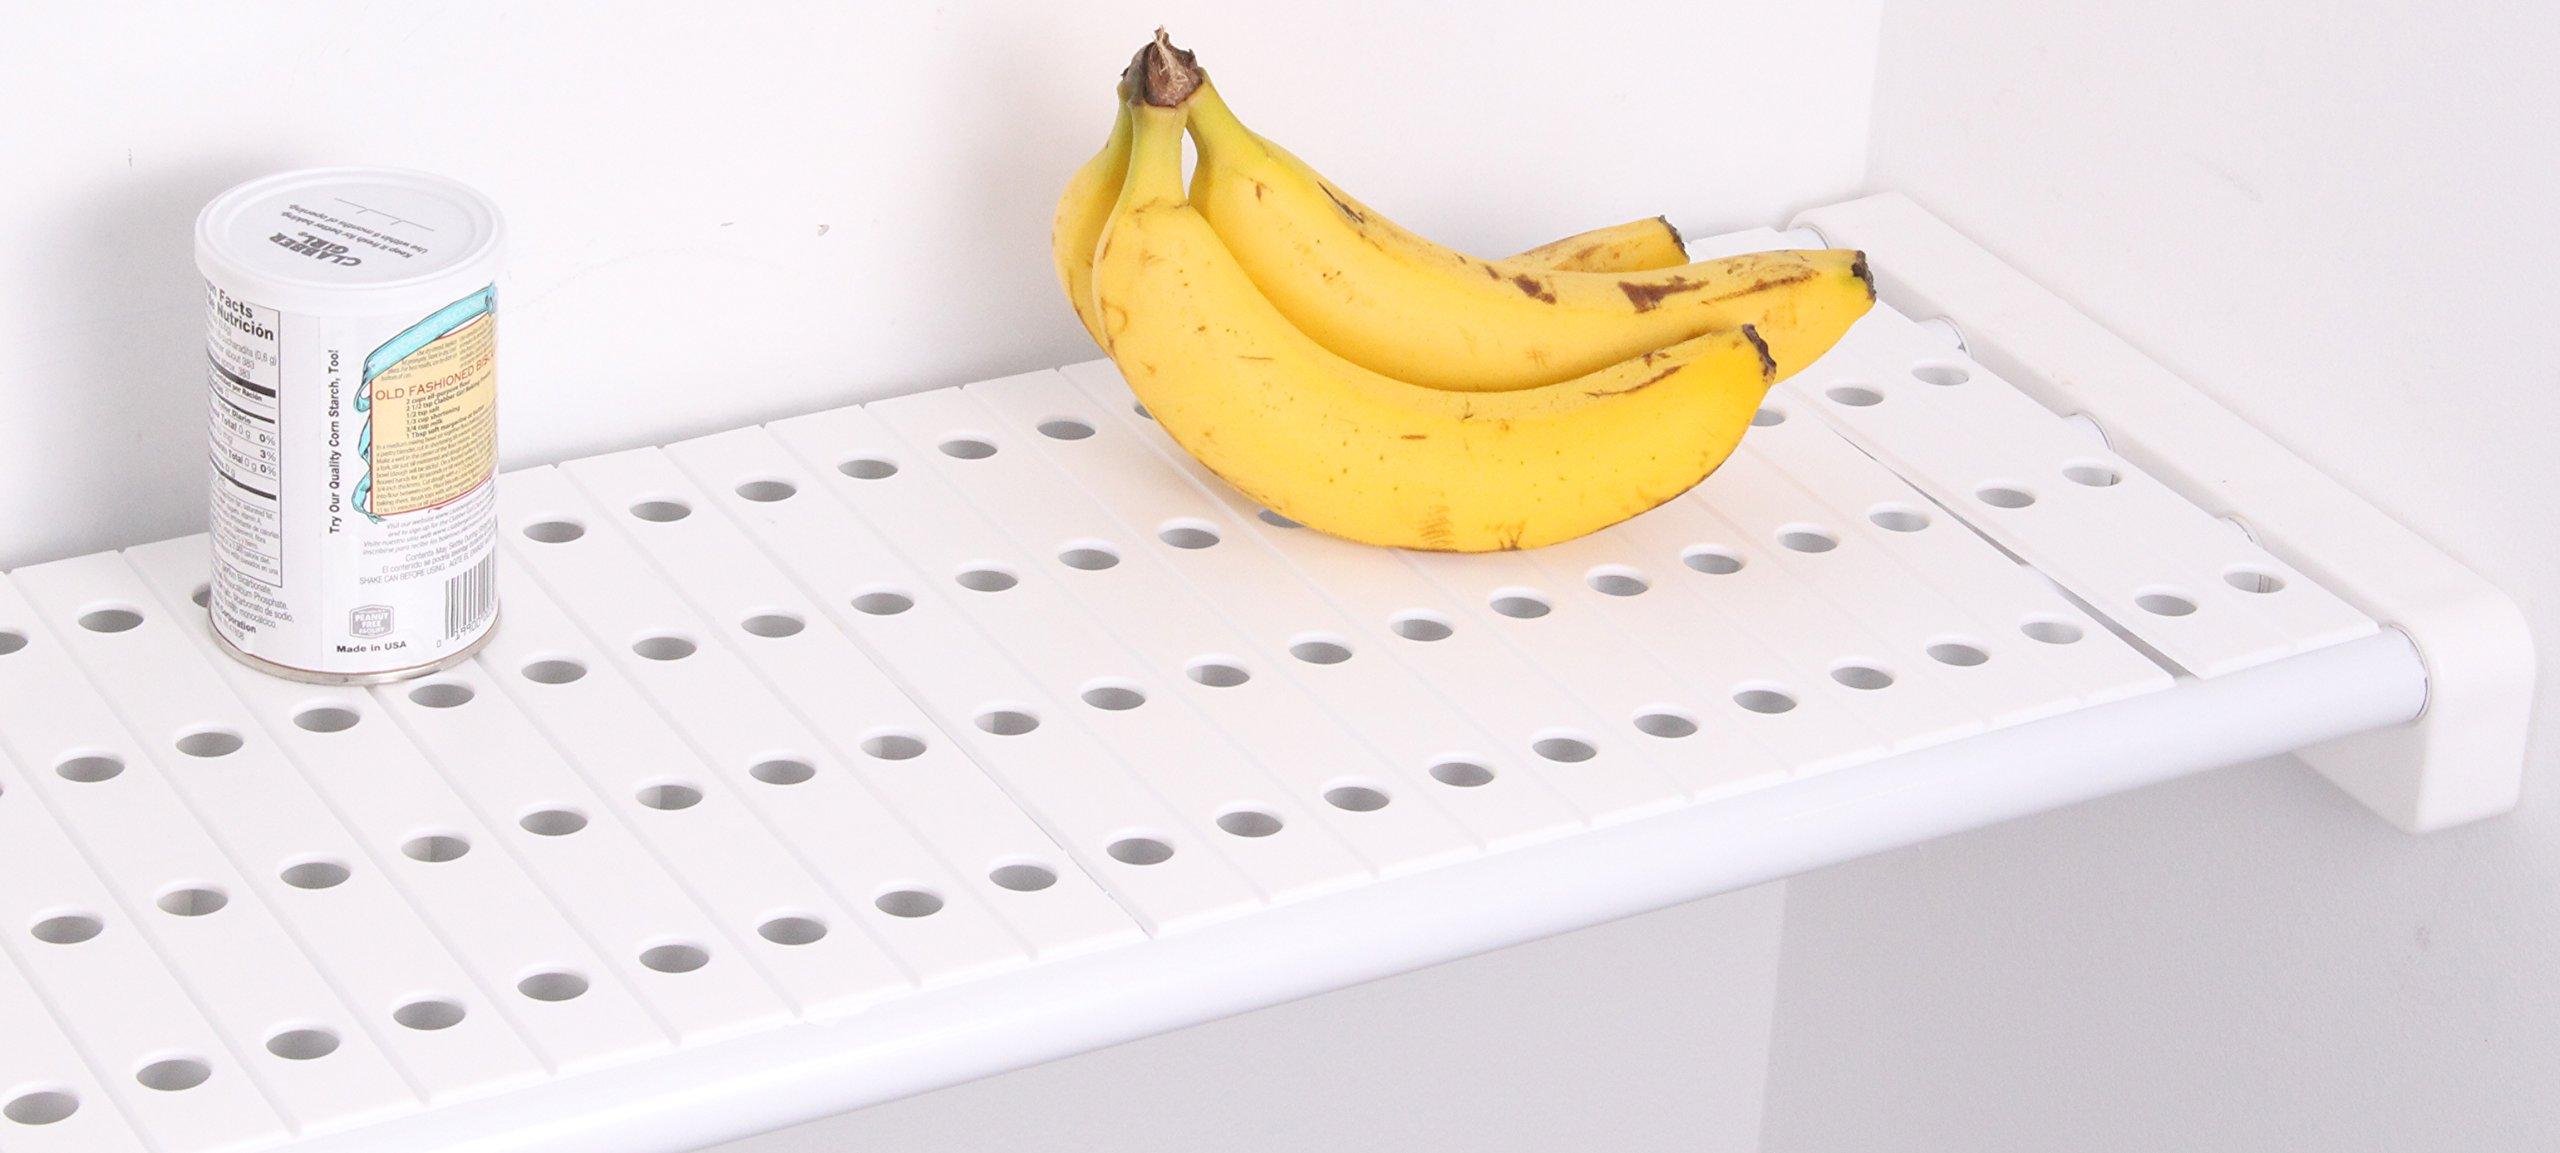 EZ Shelf - Shelf Top ACCESORY ONLY for Closet and Garage Shelves - White